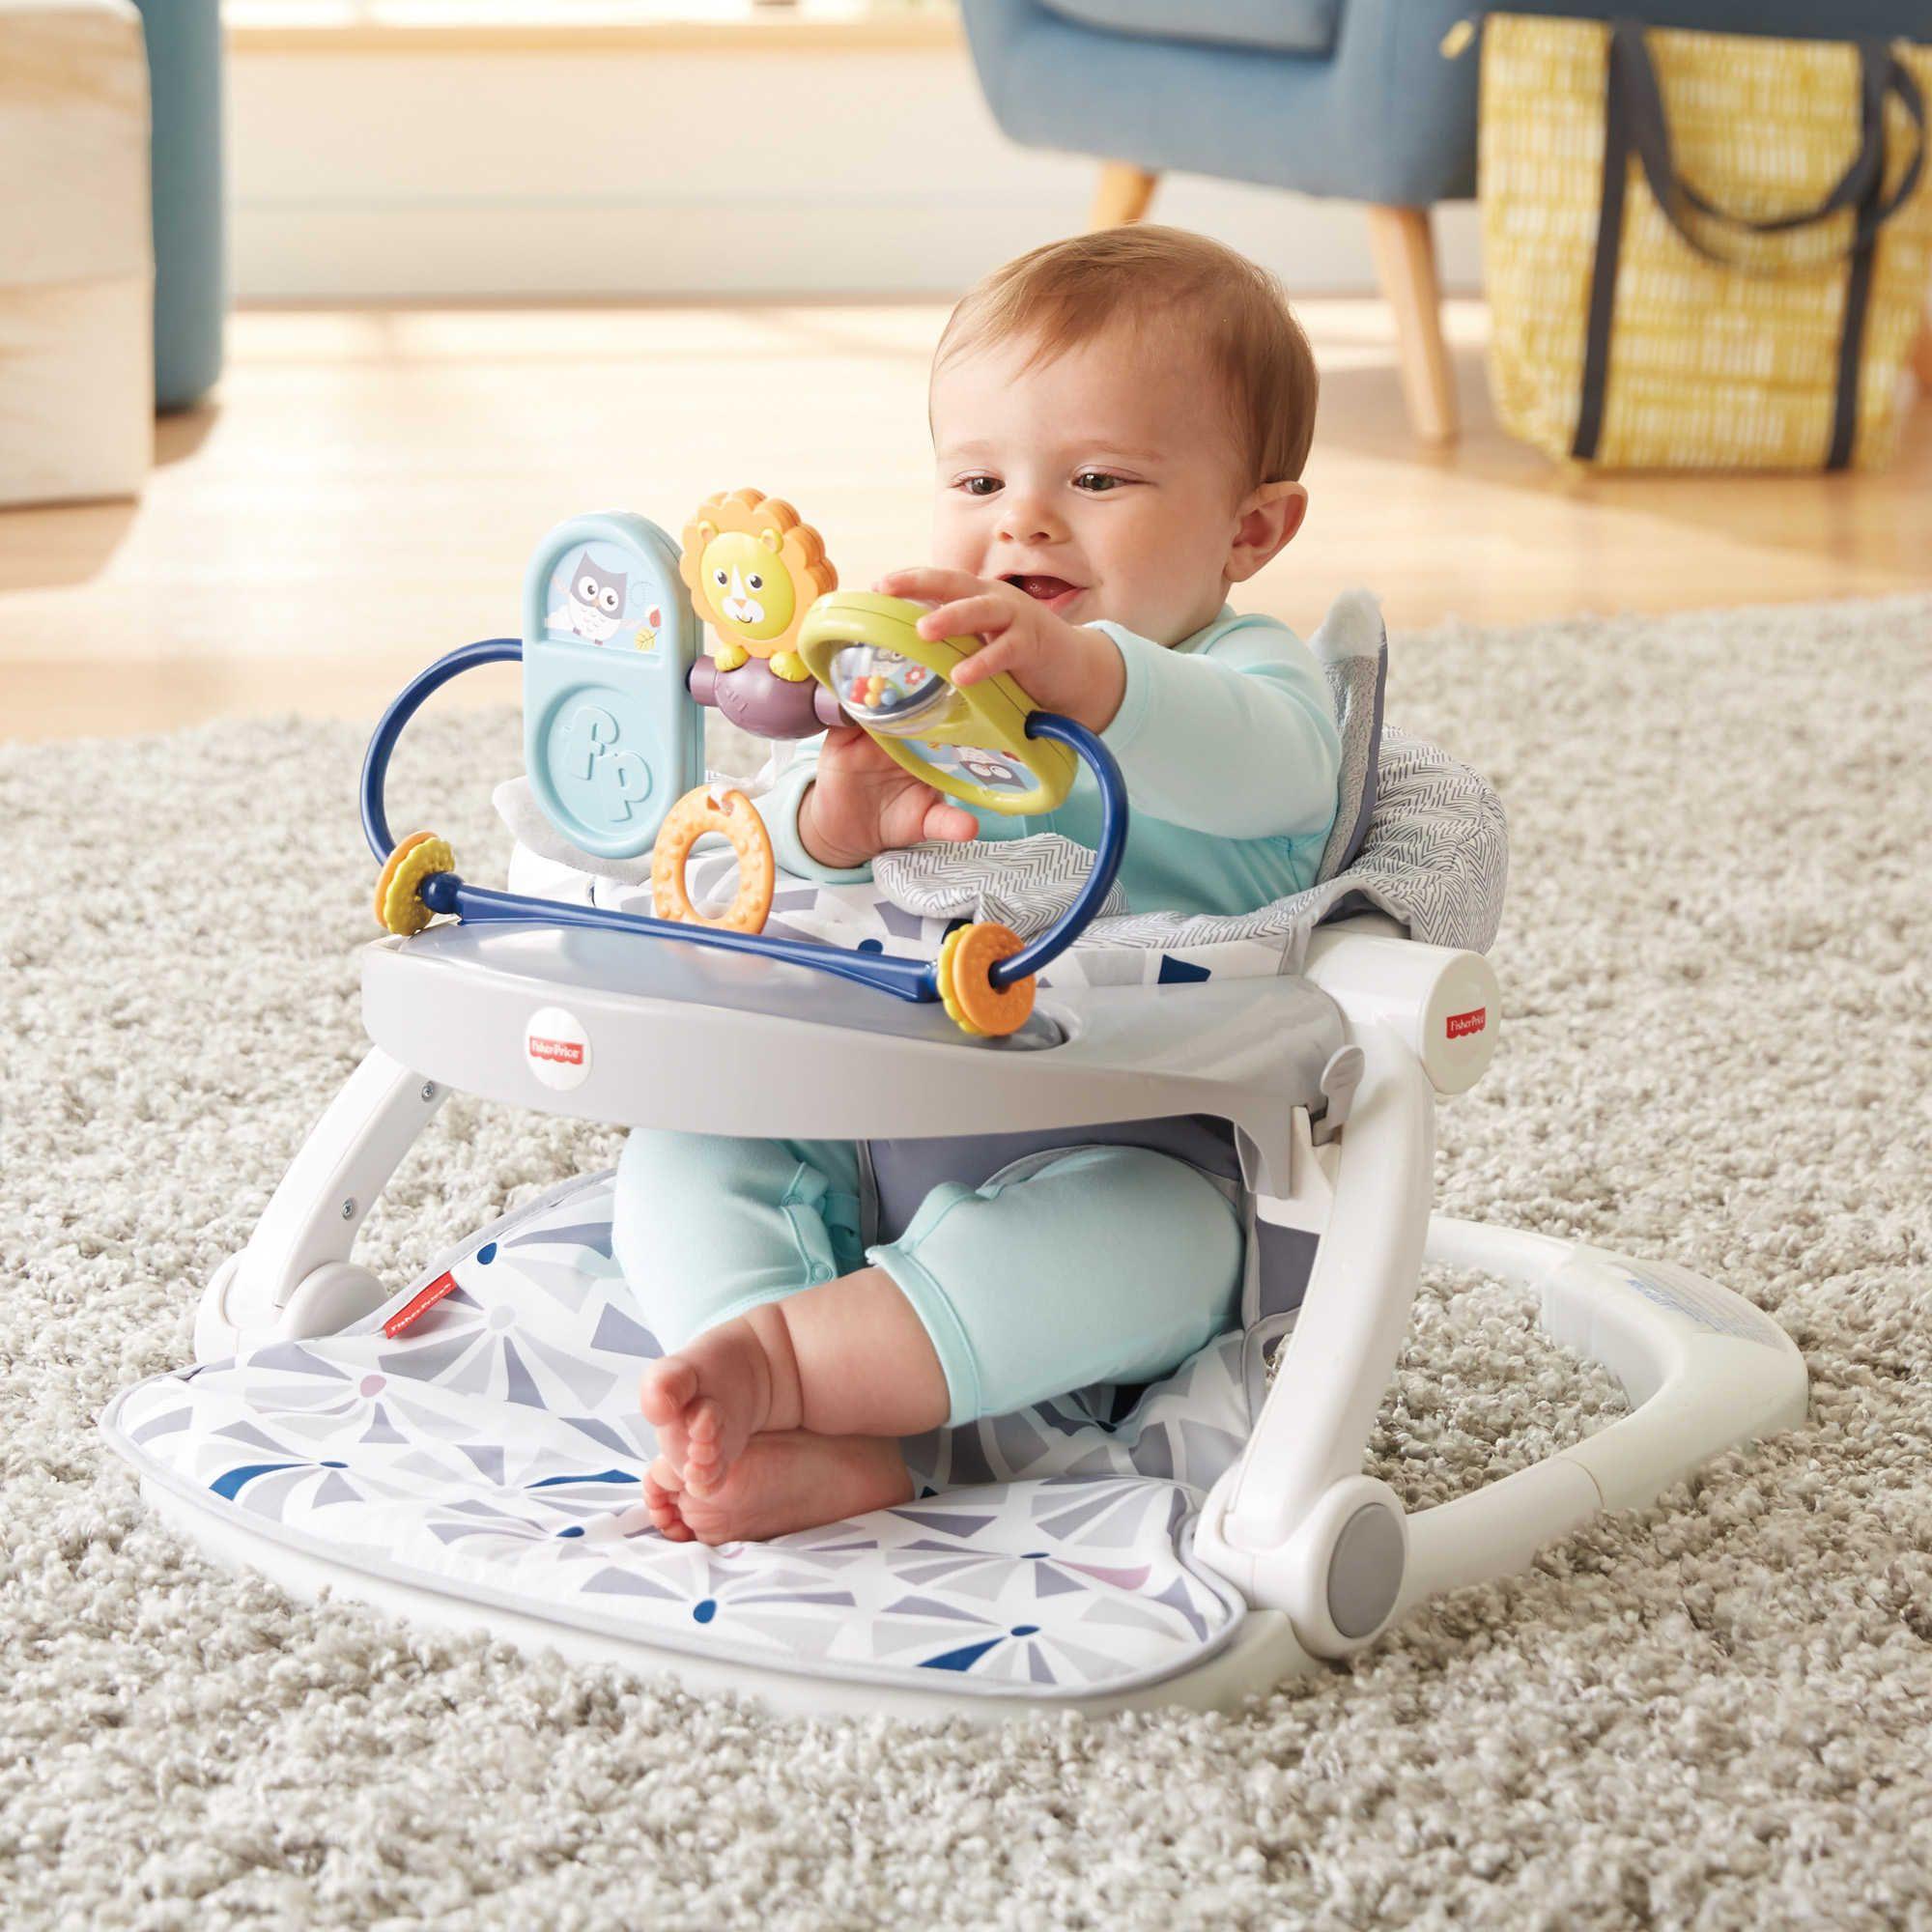 FisherPrice Owl SitMeUp Floor Seat  baby stuff